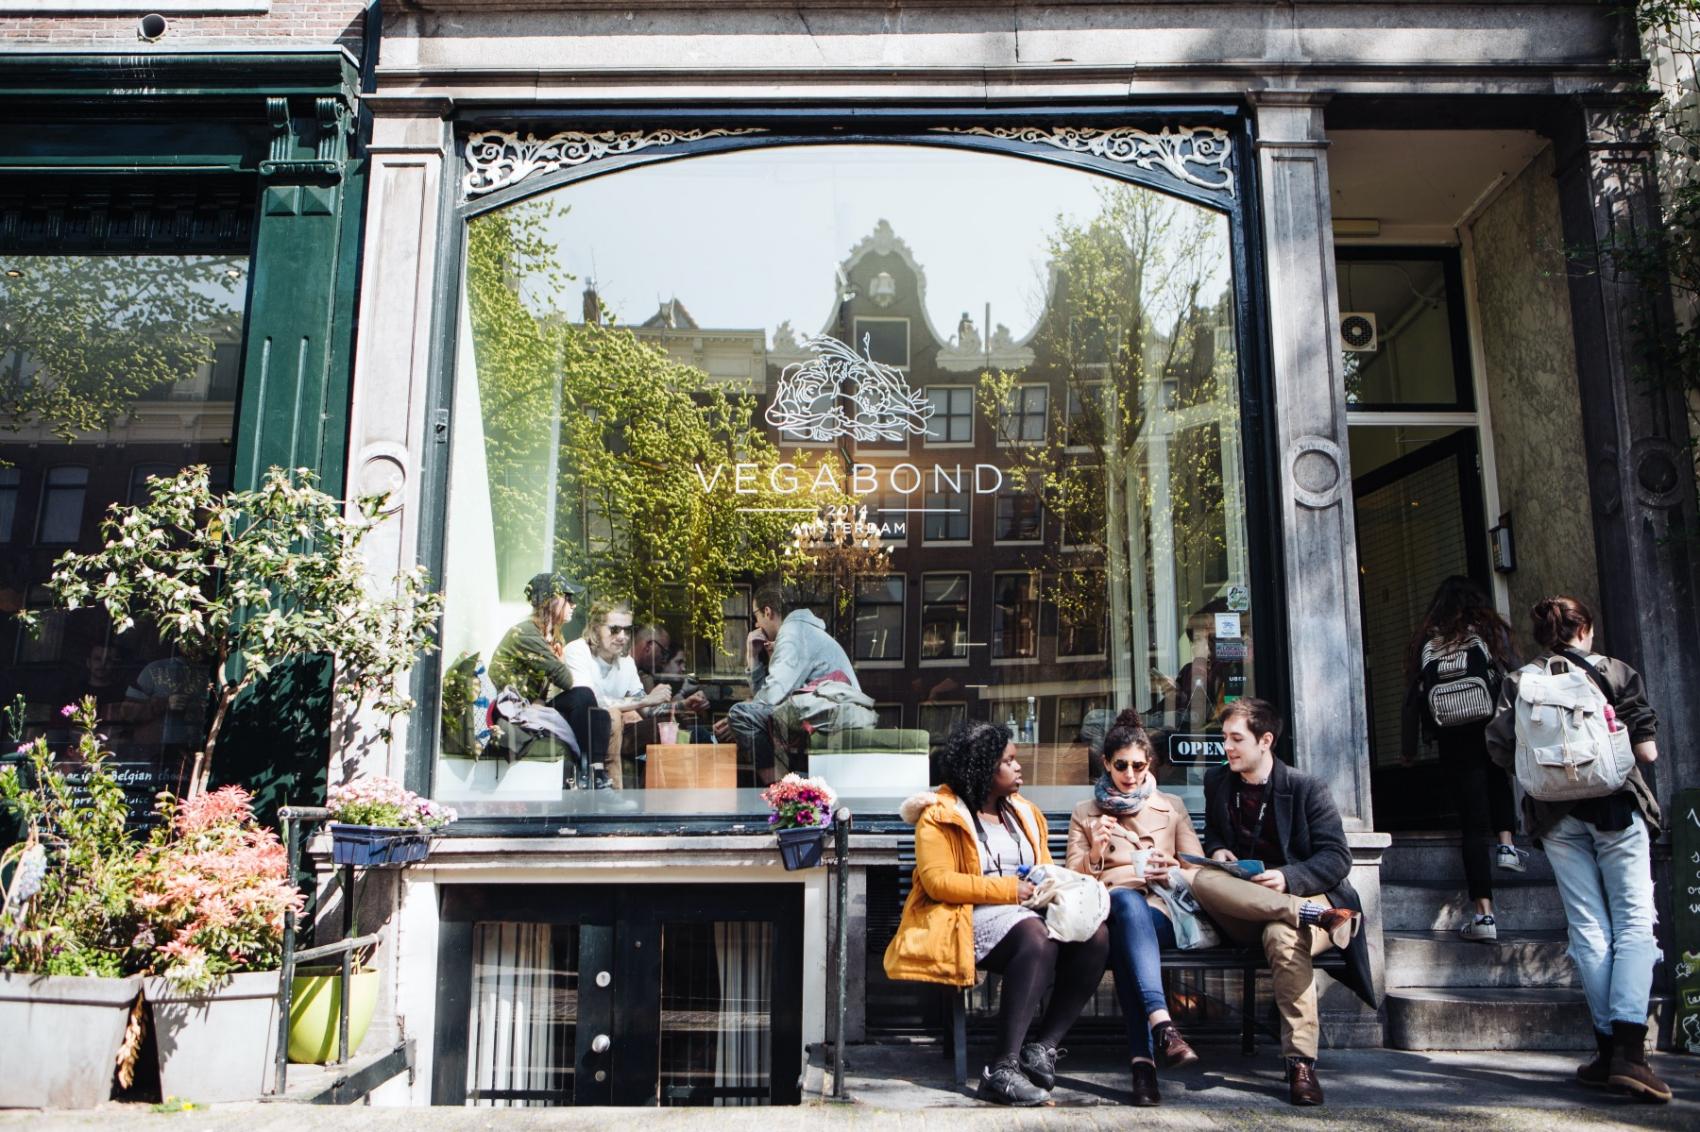 Vegabond: Veganistisch restaurant en mini supermarkt